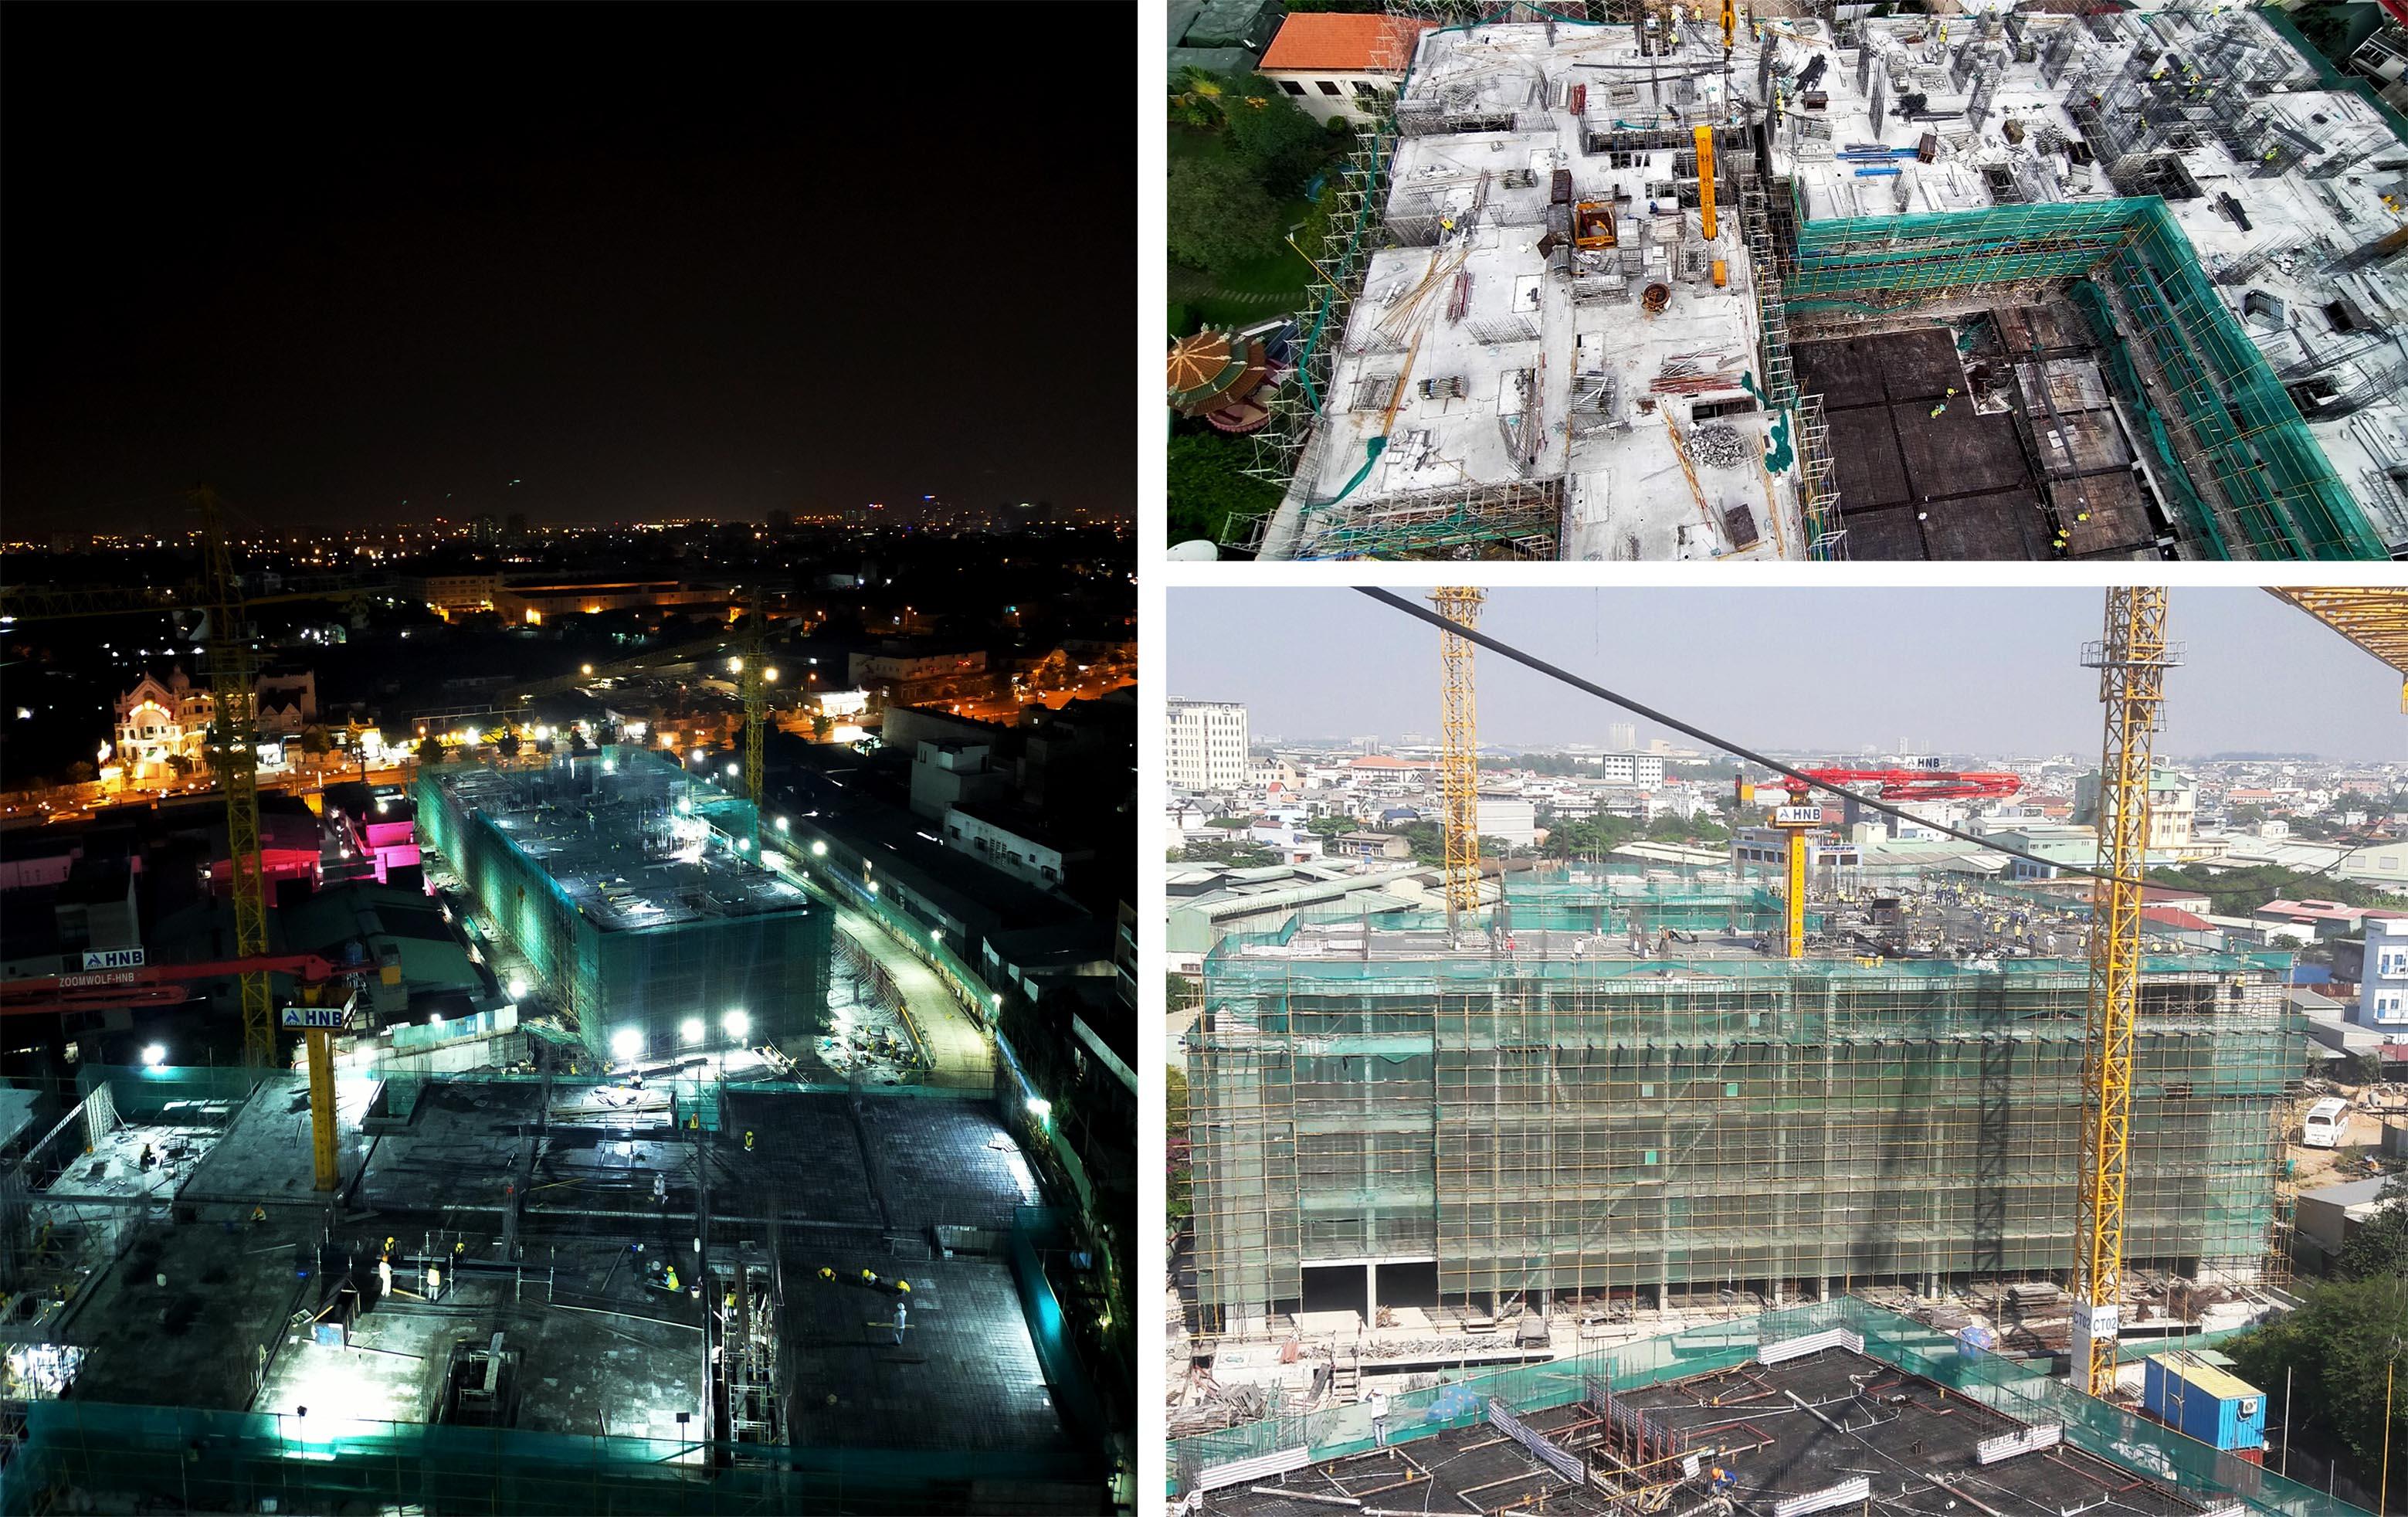 """Dự án Opal Boulevard do Tập đoàn Đất Xanh phát triển đang xây dựng nhanh chóng là điểm sáng BĐS """"sạch"""" ngay trục đại lộ Phạm Văn Đồng, được nhiều người quan tâm mua để đầu tư hoặc an cư"""